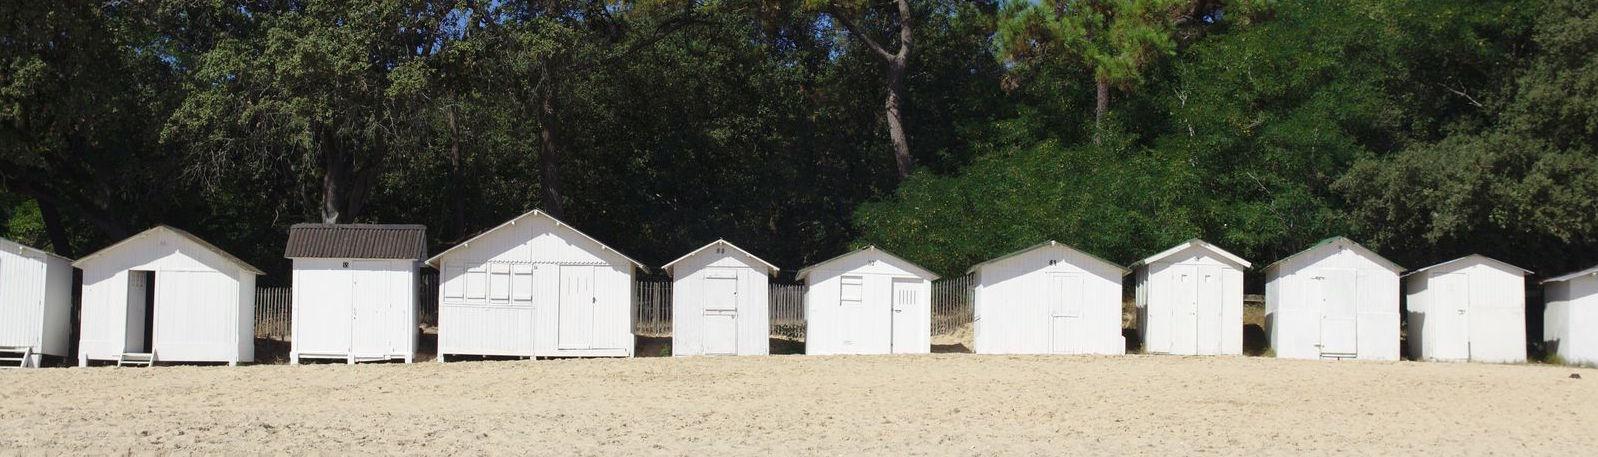 cabanes de plage sur l'île de noirmoutier